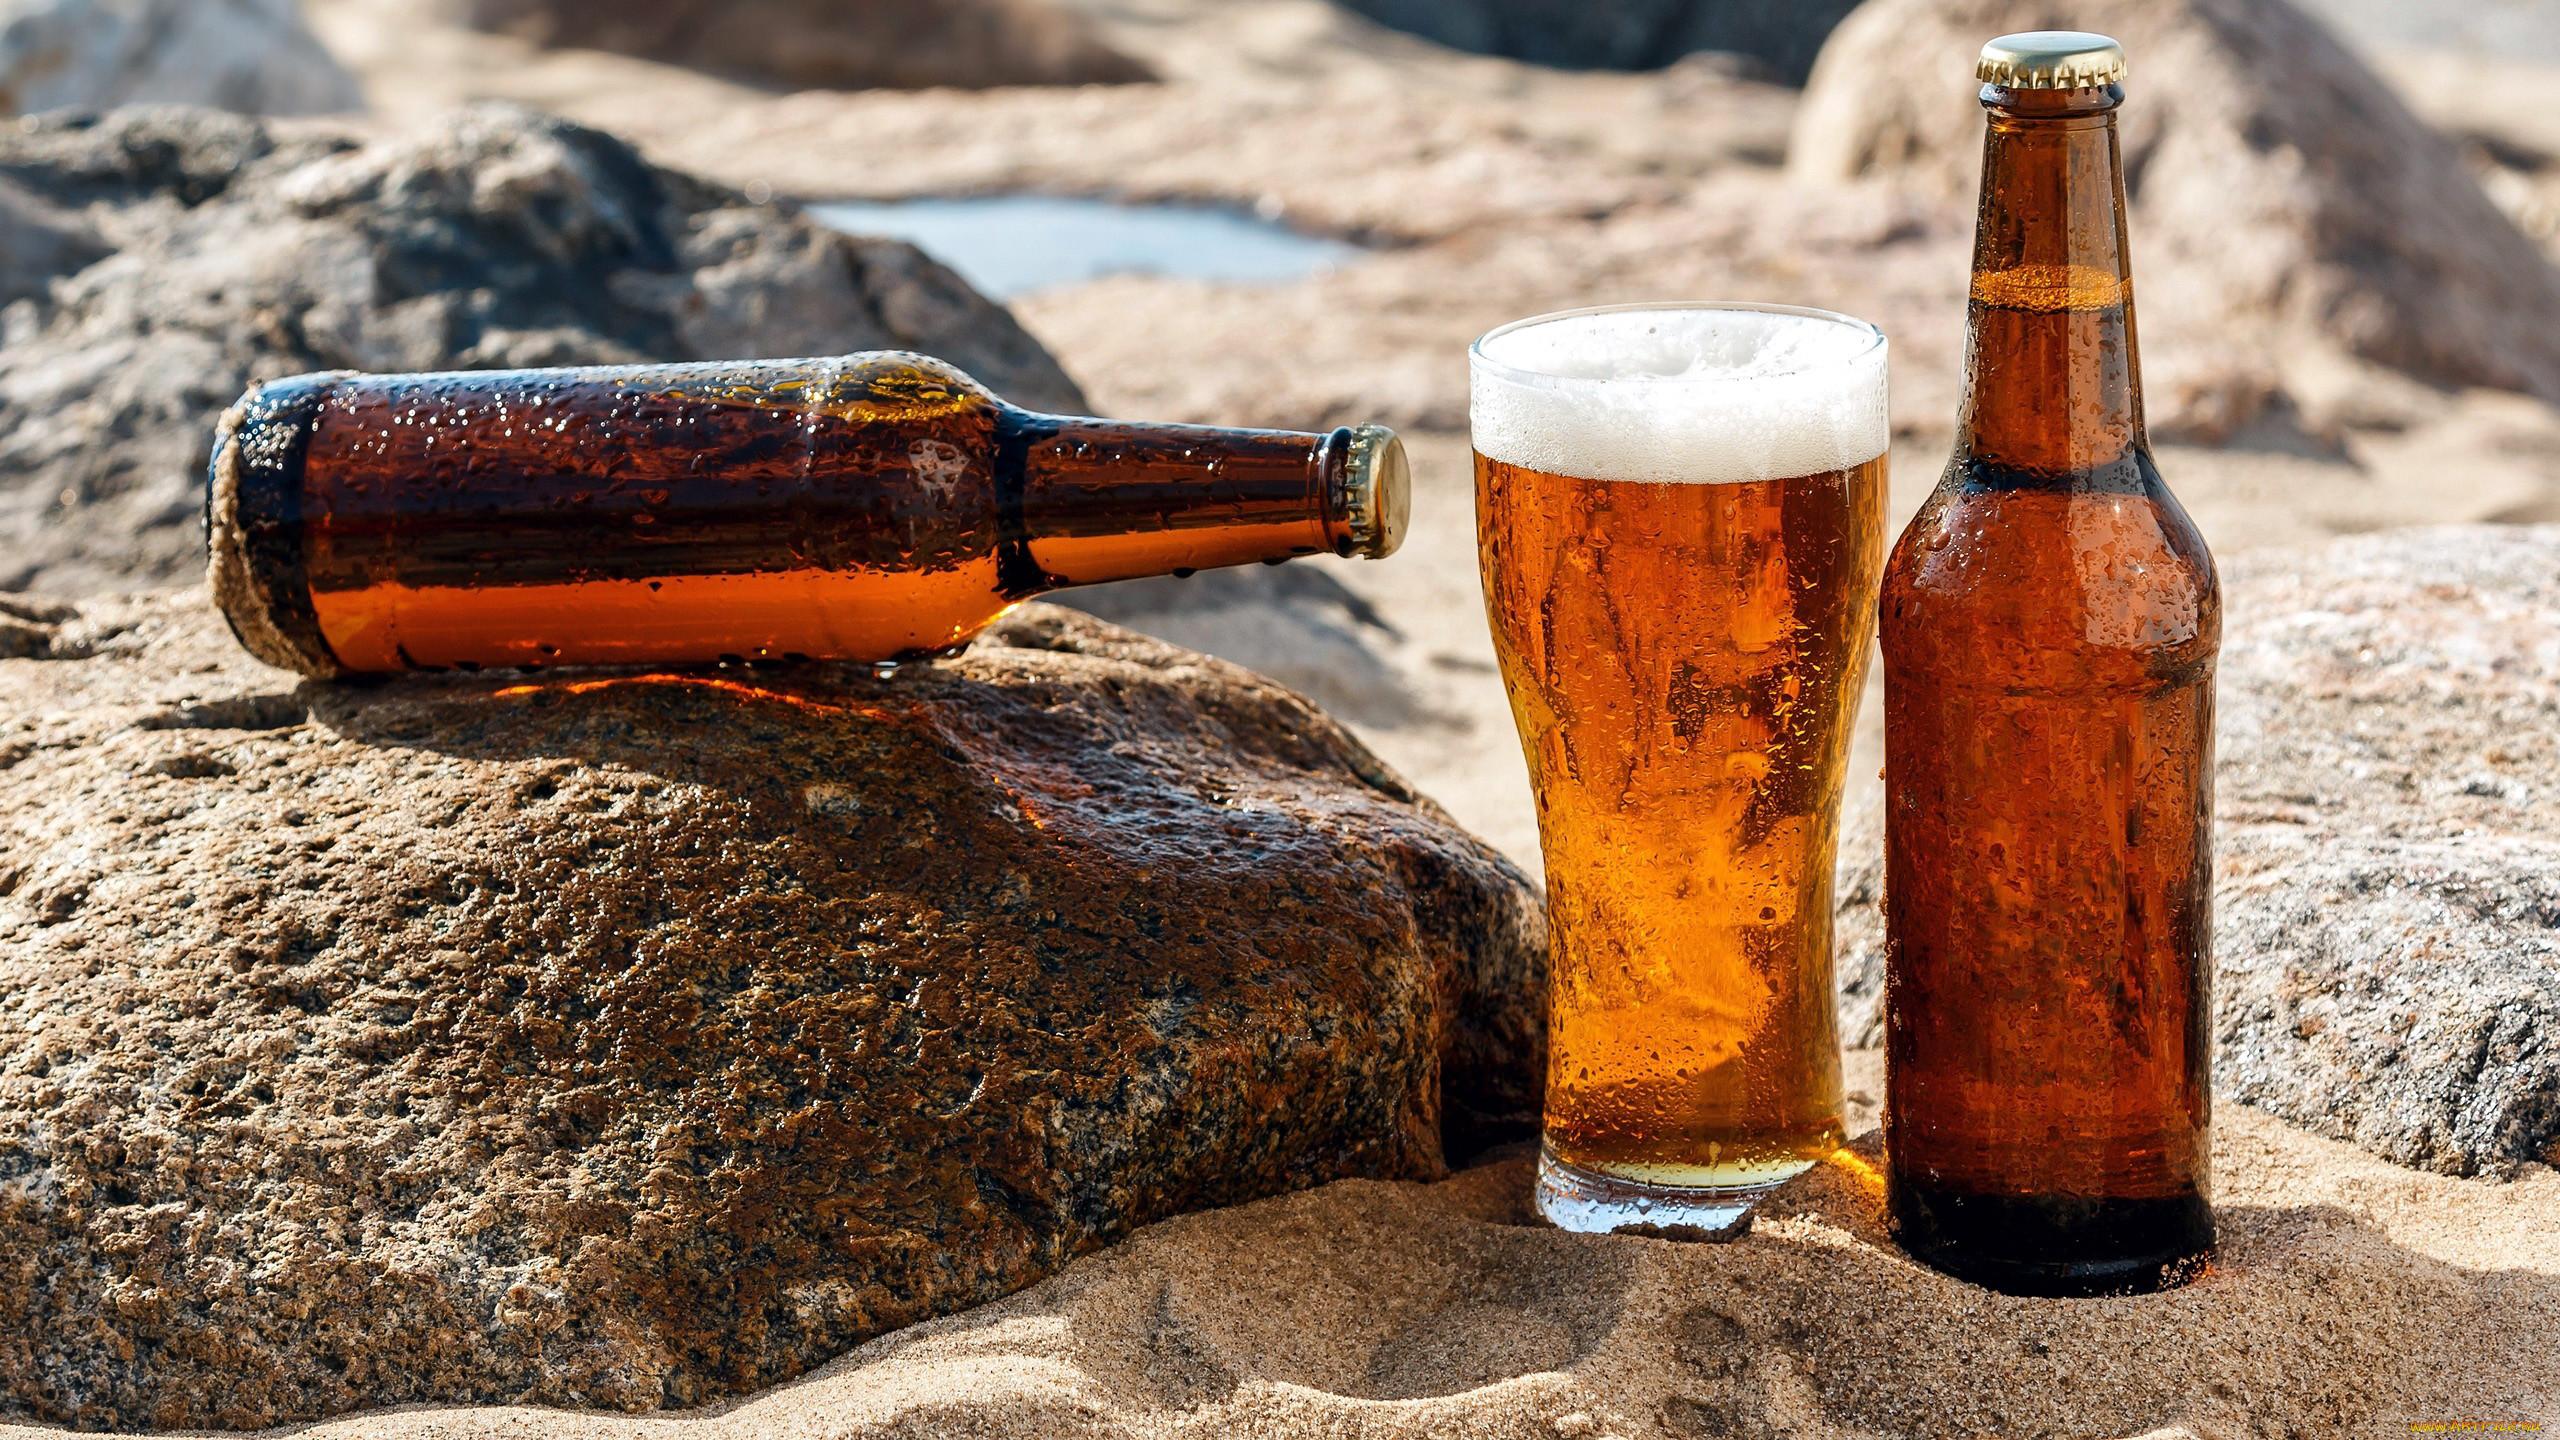 женщин инфекция как добавить в фотографию бутылку пива накидайте фоточек шайа